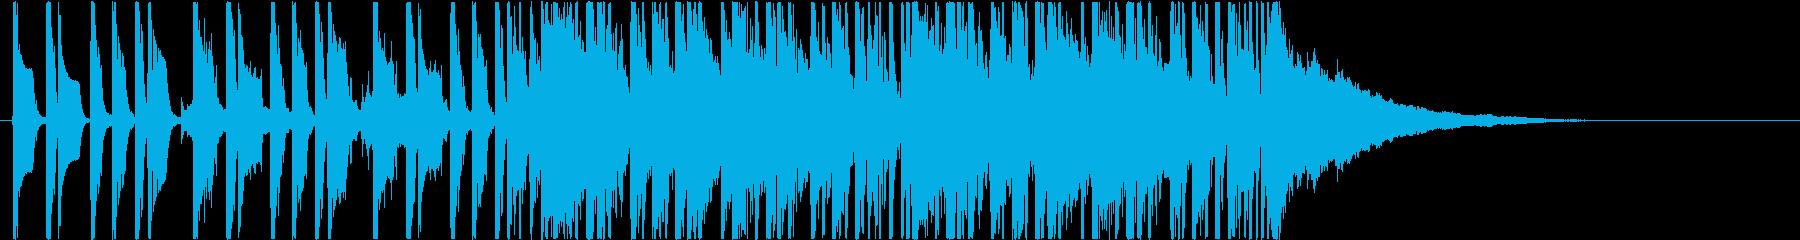 CM向けサーフロックの再生済みの波形